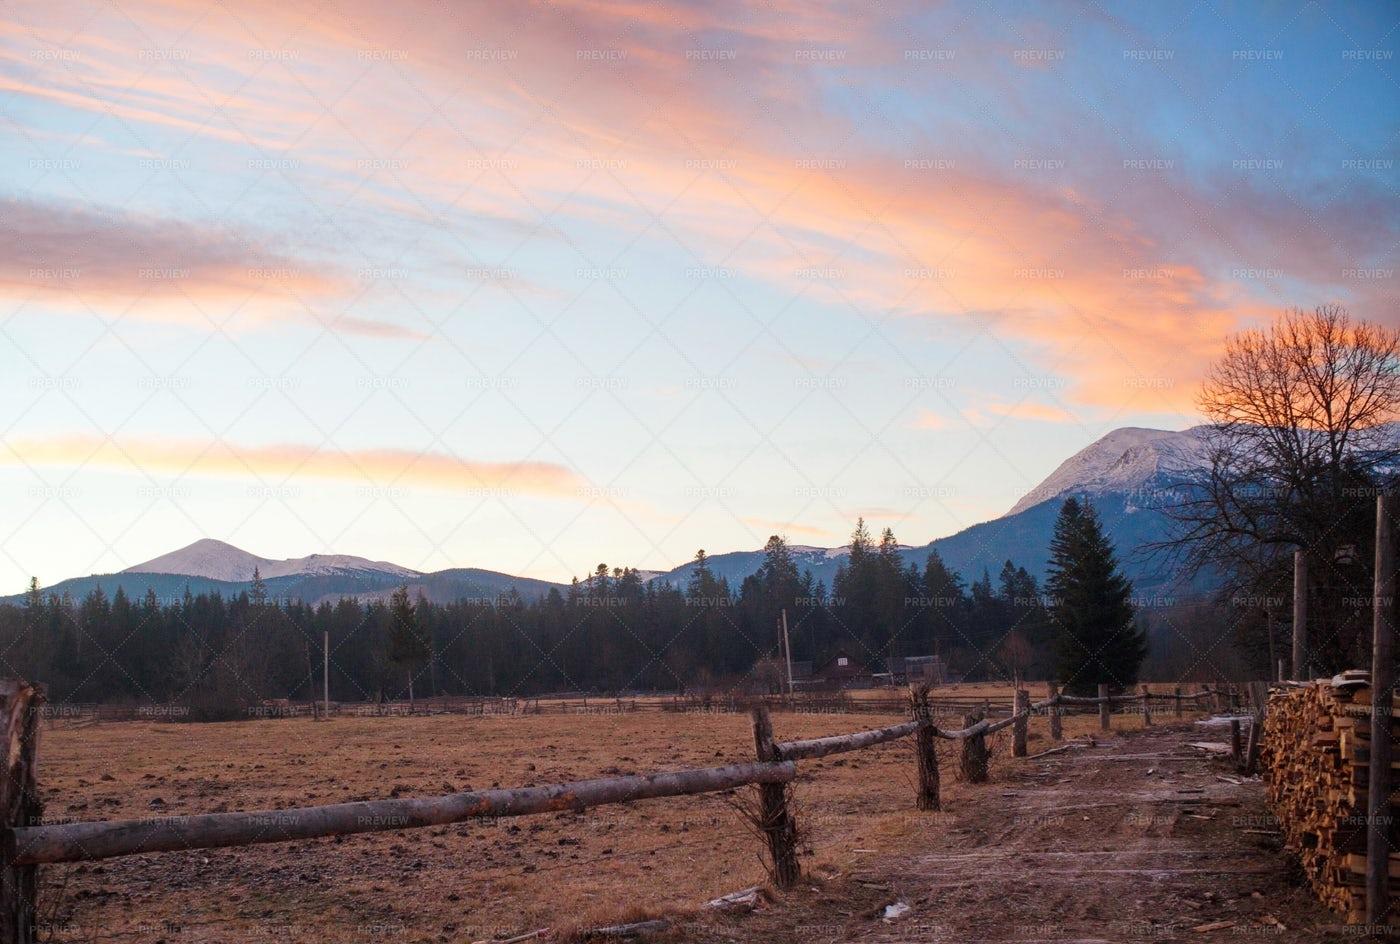 Mountain Village During Morning: Stock Photos